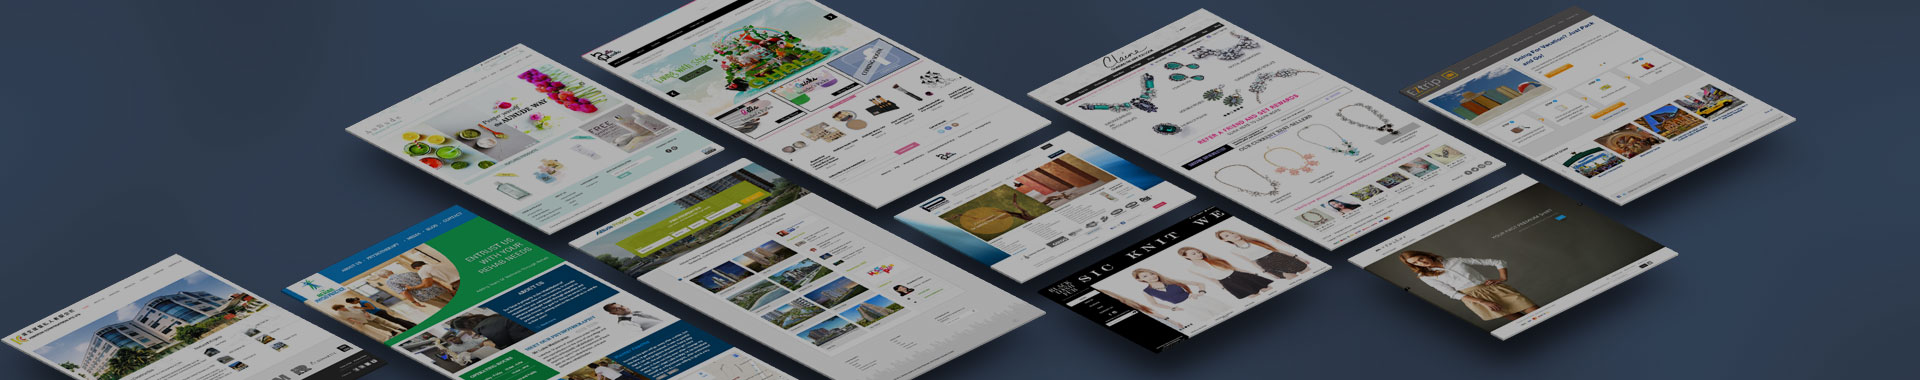 Website Design Singapore - HOF Consulting